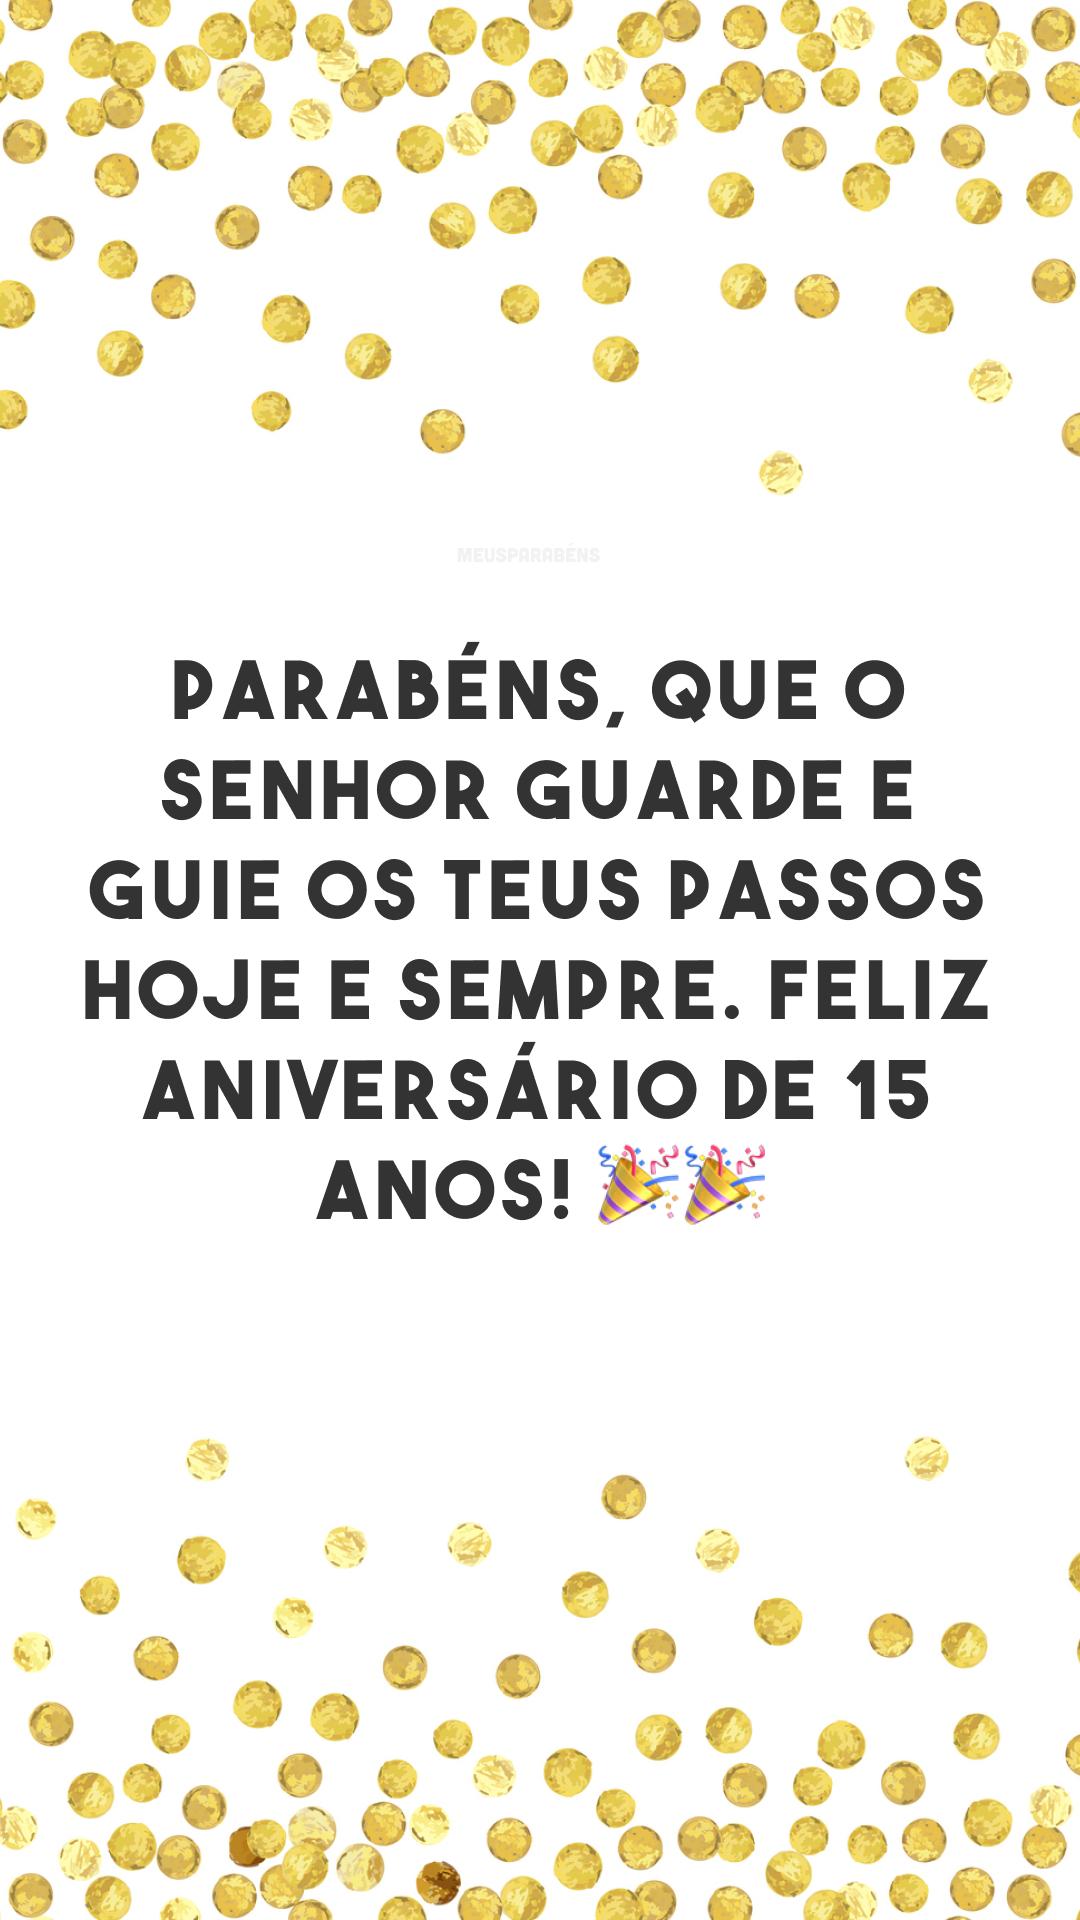 Parabéns, que o Senhor guarde e guie os teus passos hoje e sempre. Feliz aniversário de 15 anos! 🎉🎉